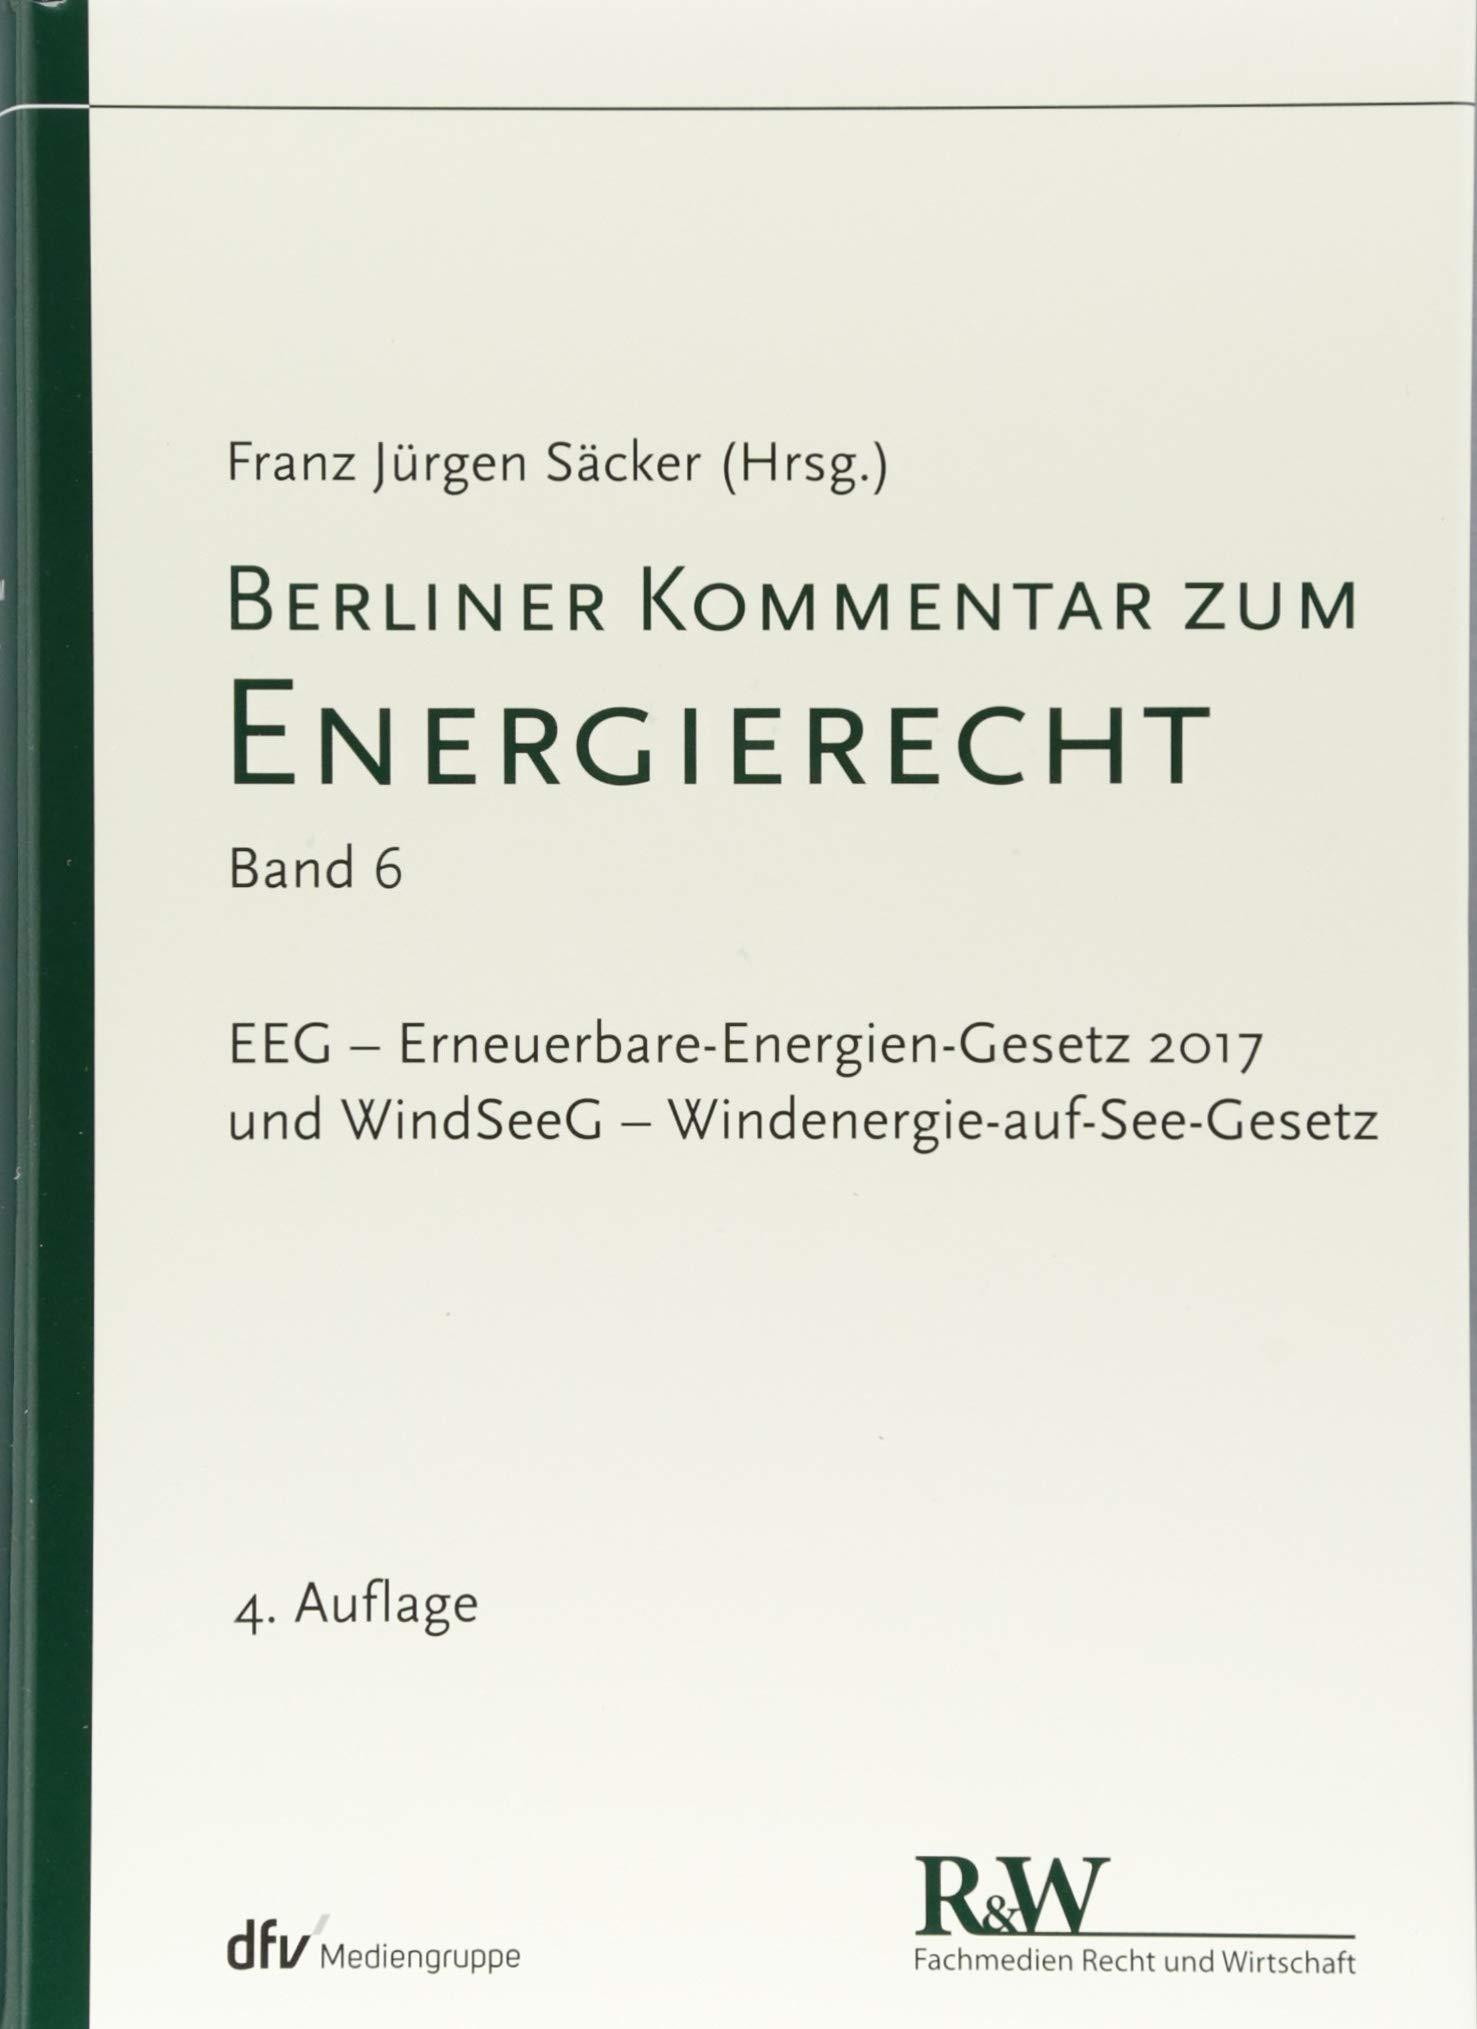 Berliner Kommentar zum Energierecht, Band 6: EEG -  Erneuerbare-Energien-Gesetz 2017 und WindSeeG - Windenergie-auf-See-Gesetz:  Amazon.de: Franz Jürgen ...